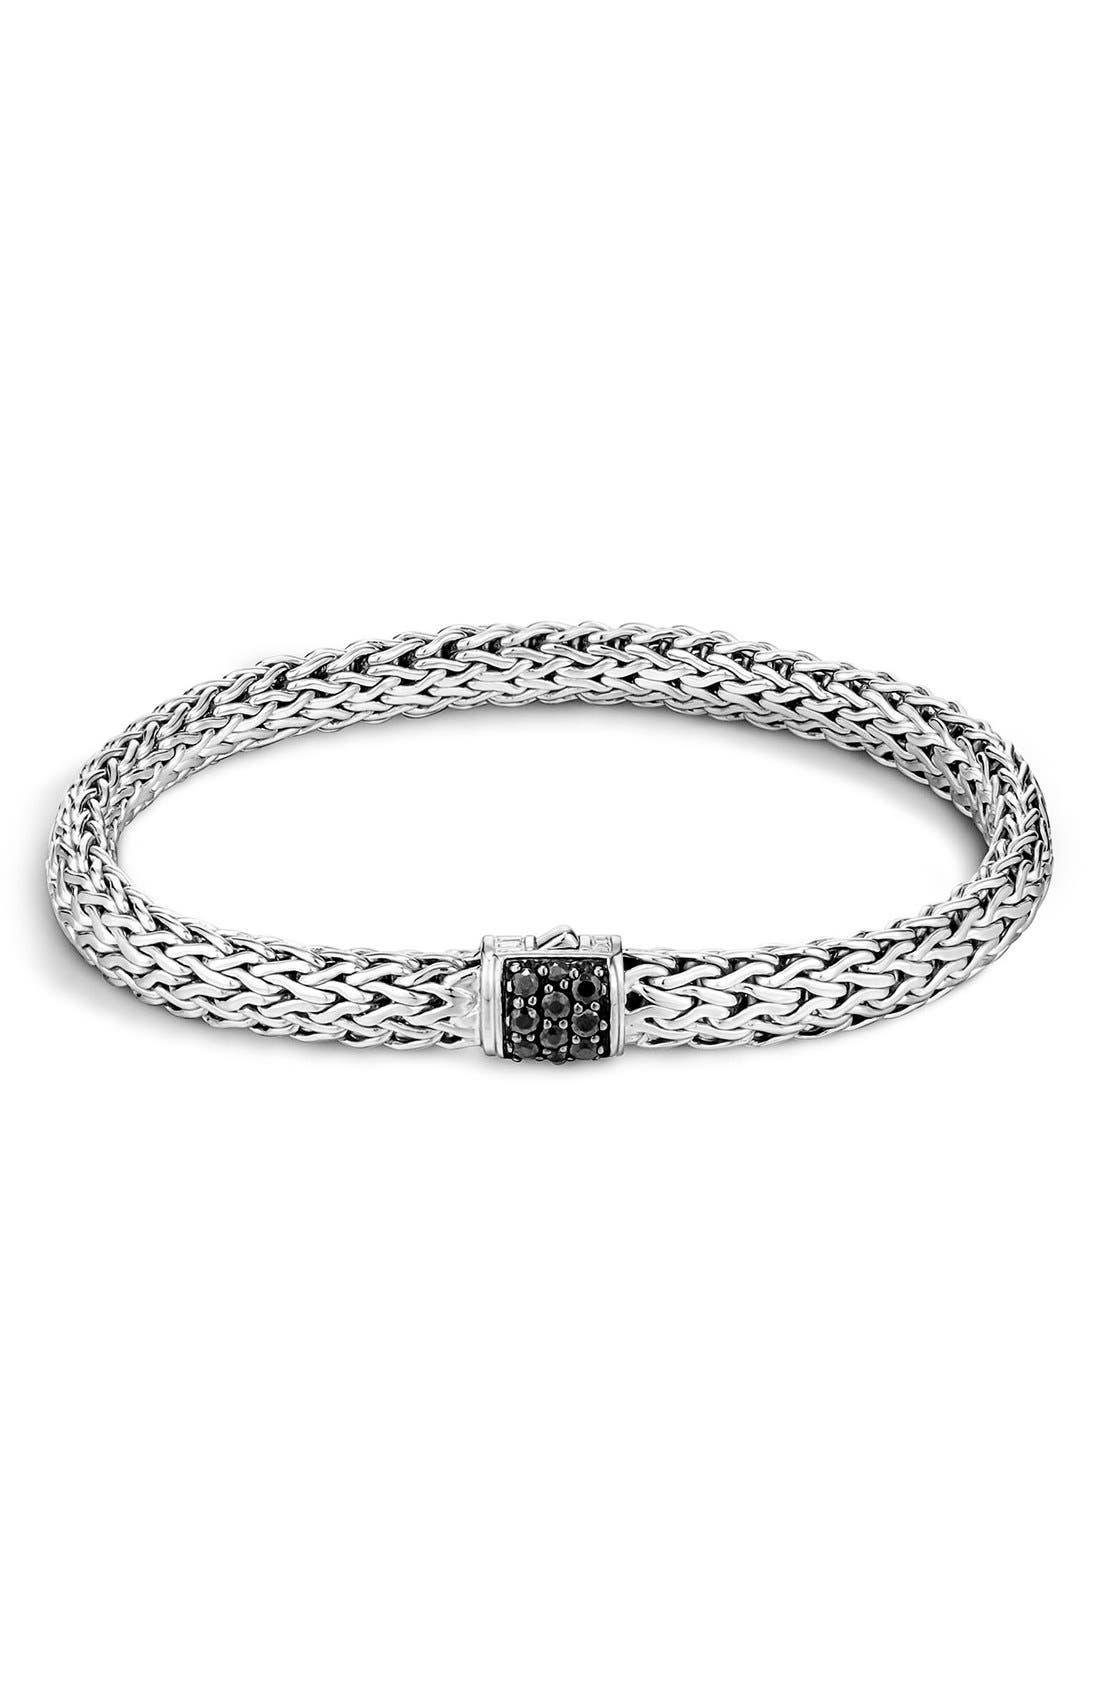 Classic Chain 6.5mm Bracelet,                         Main,                         color, Silver/ Black Sapphire